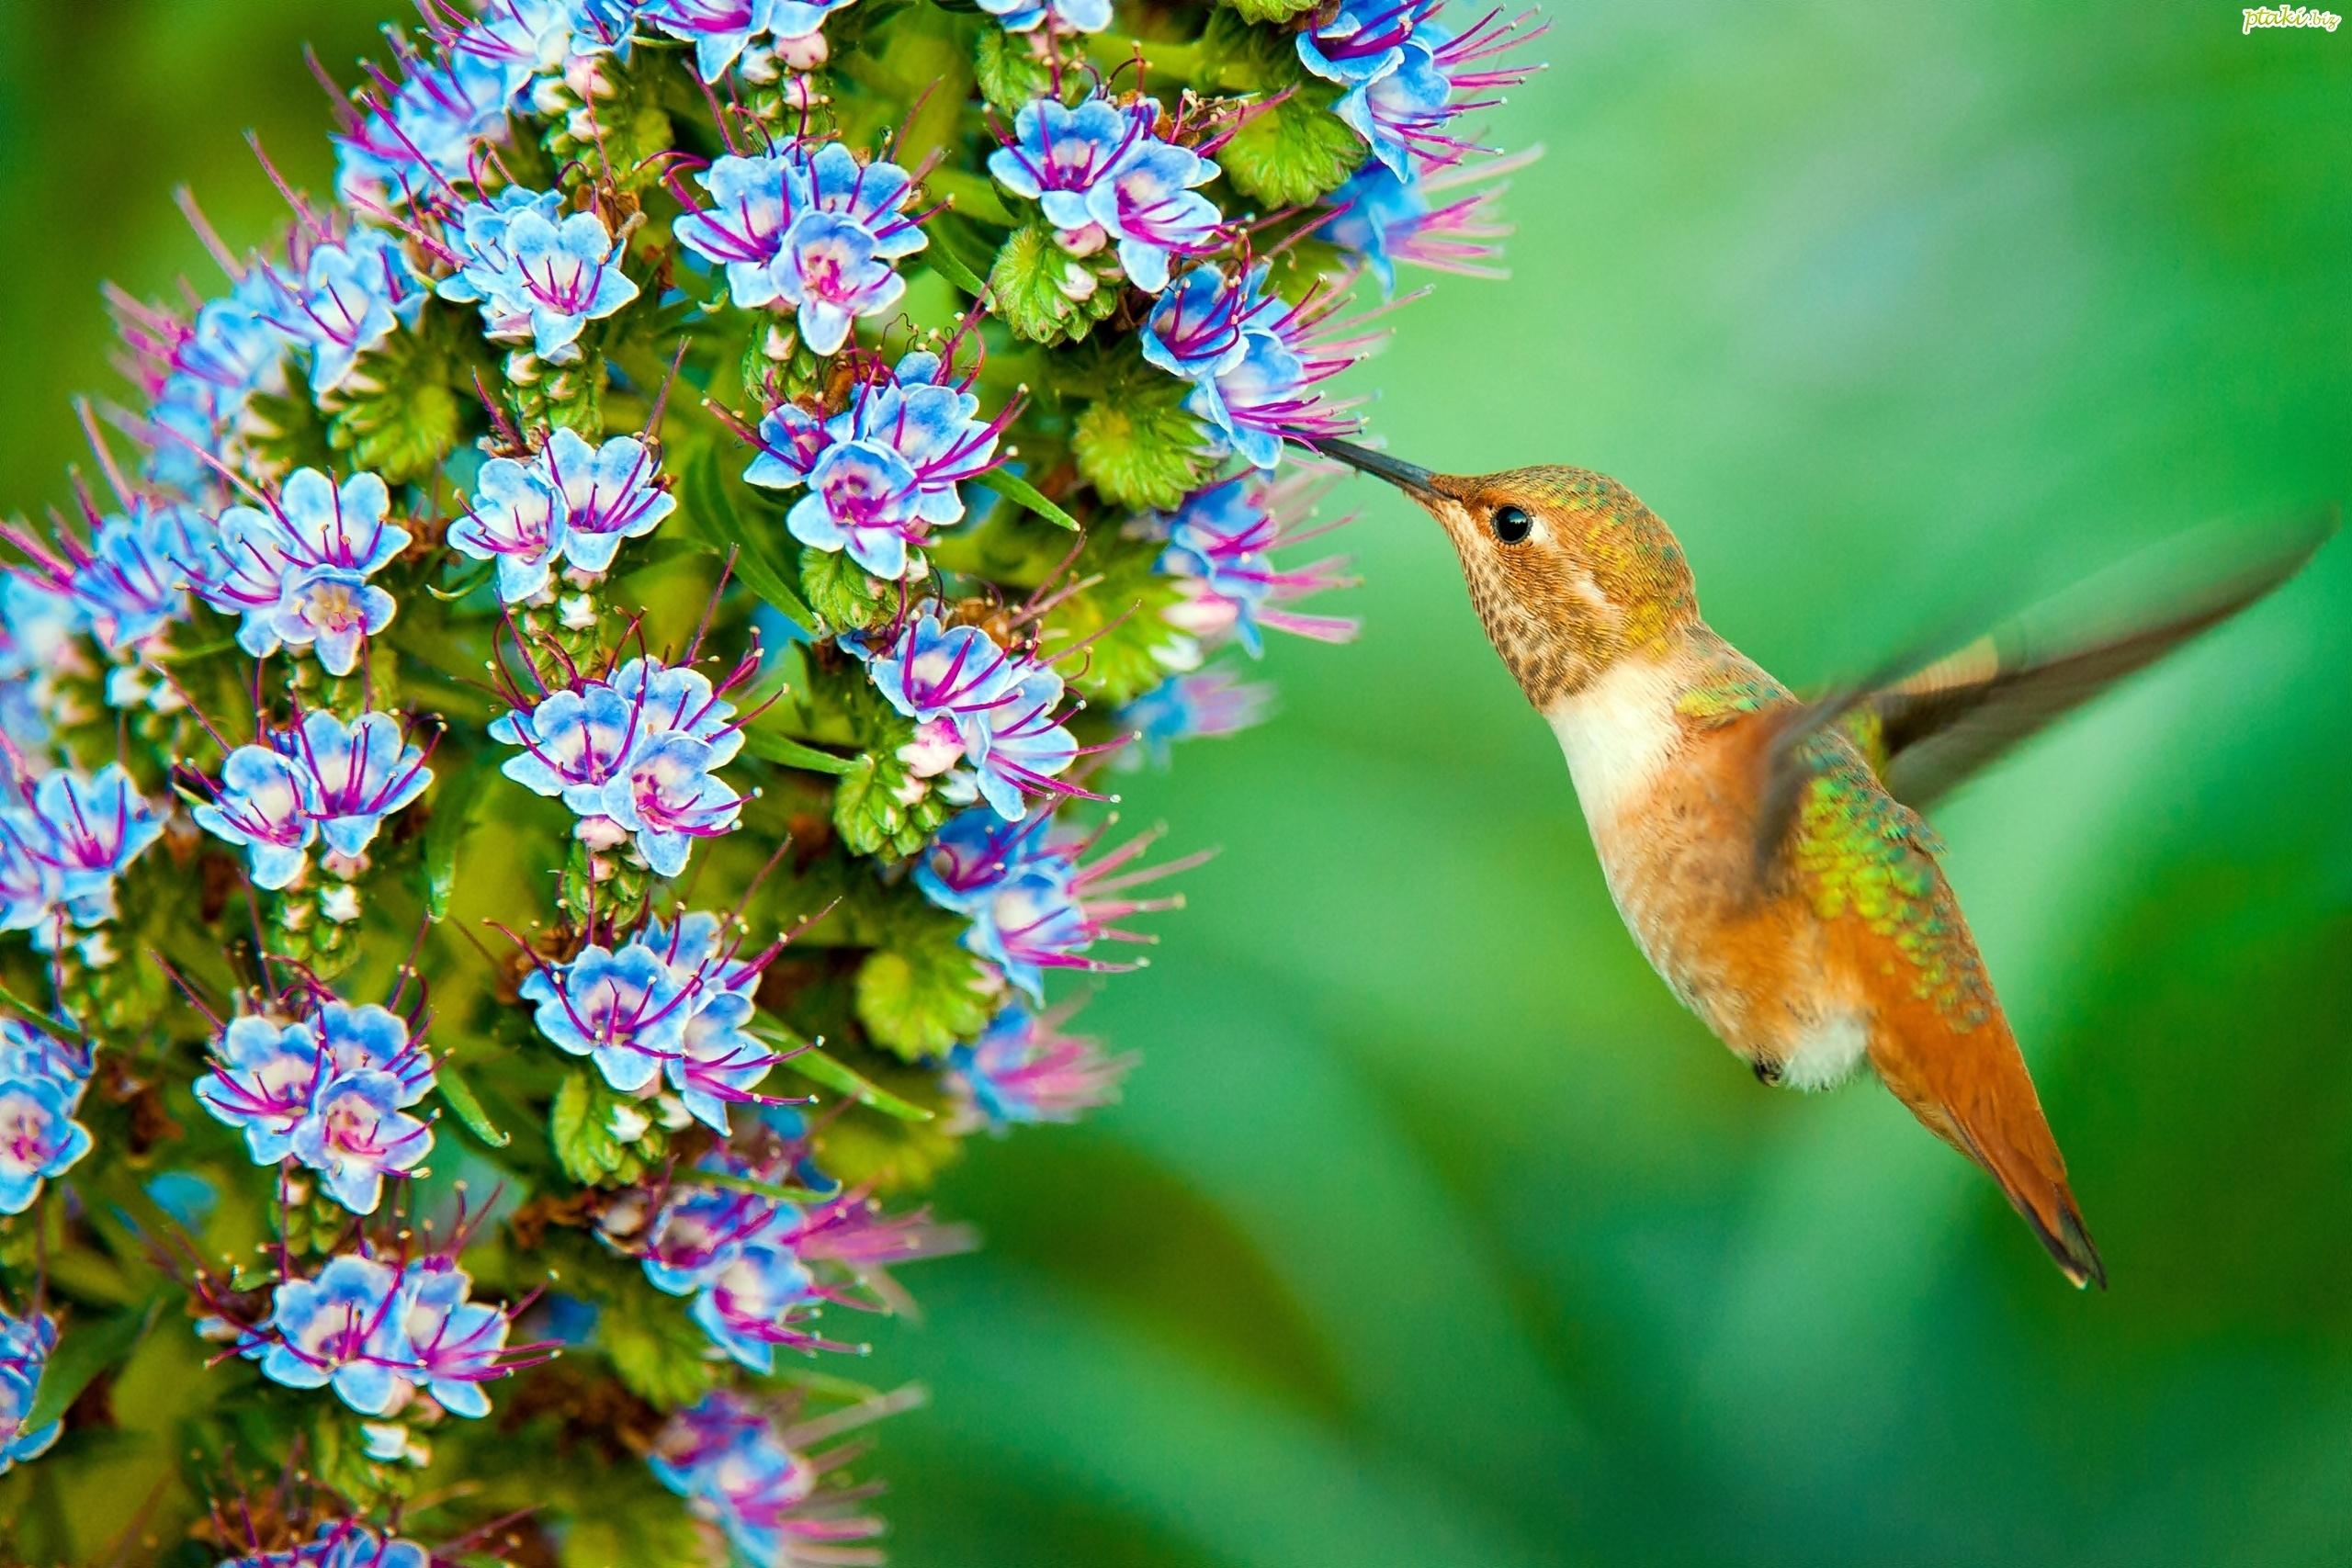 Znalezione obrazy dla zapytania kwiatki